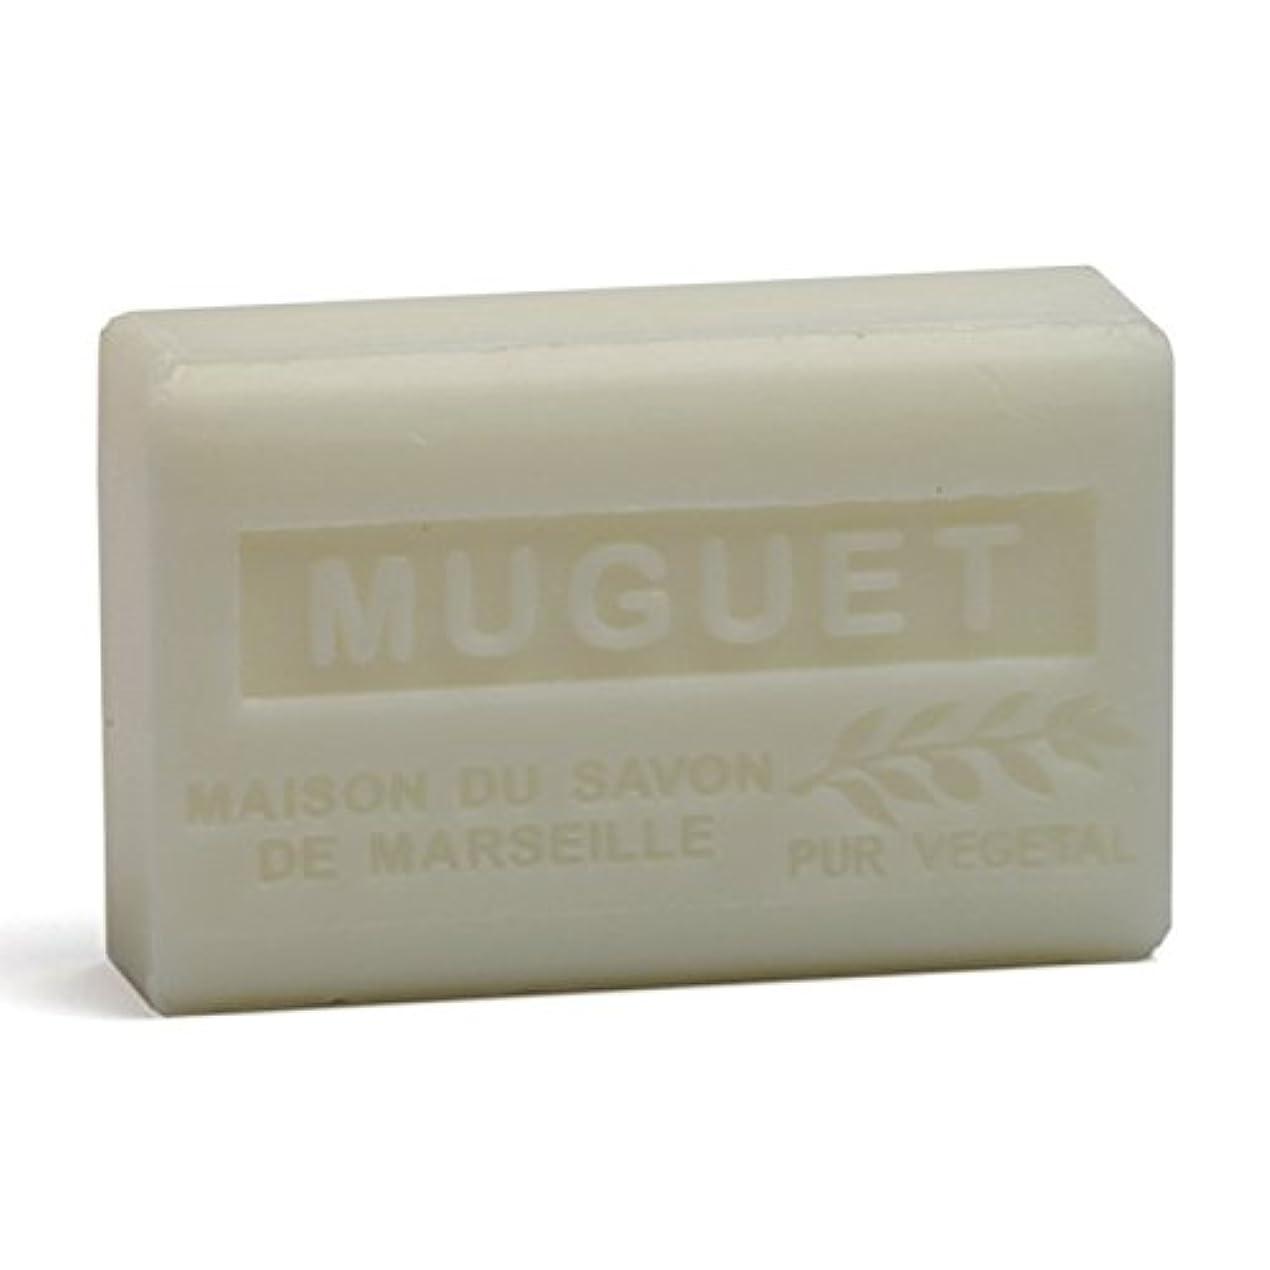 やさしいショット抑制Savon de Marseille Soap Lily of the Valley Shea Butter 125g